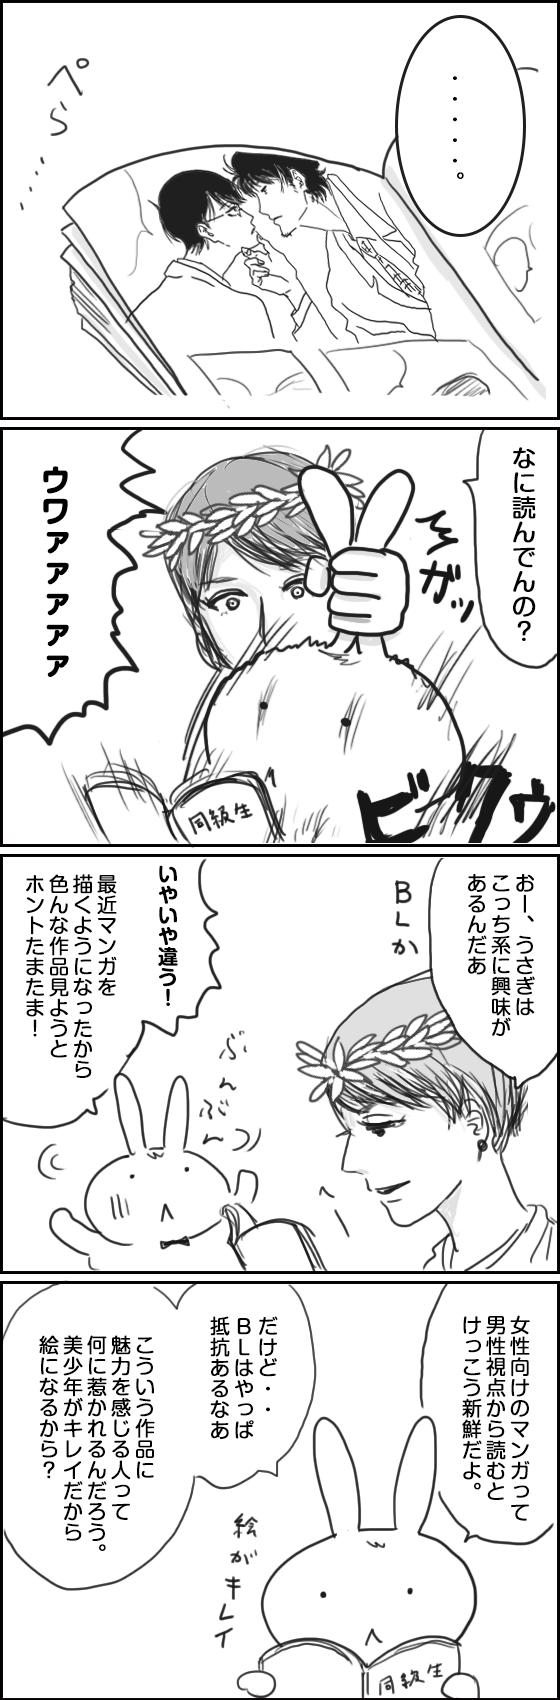 スピリチュアル漫画:BLが好きな人は何に惹かれるの?(1)